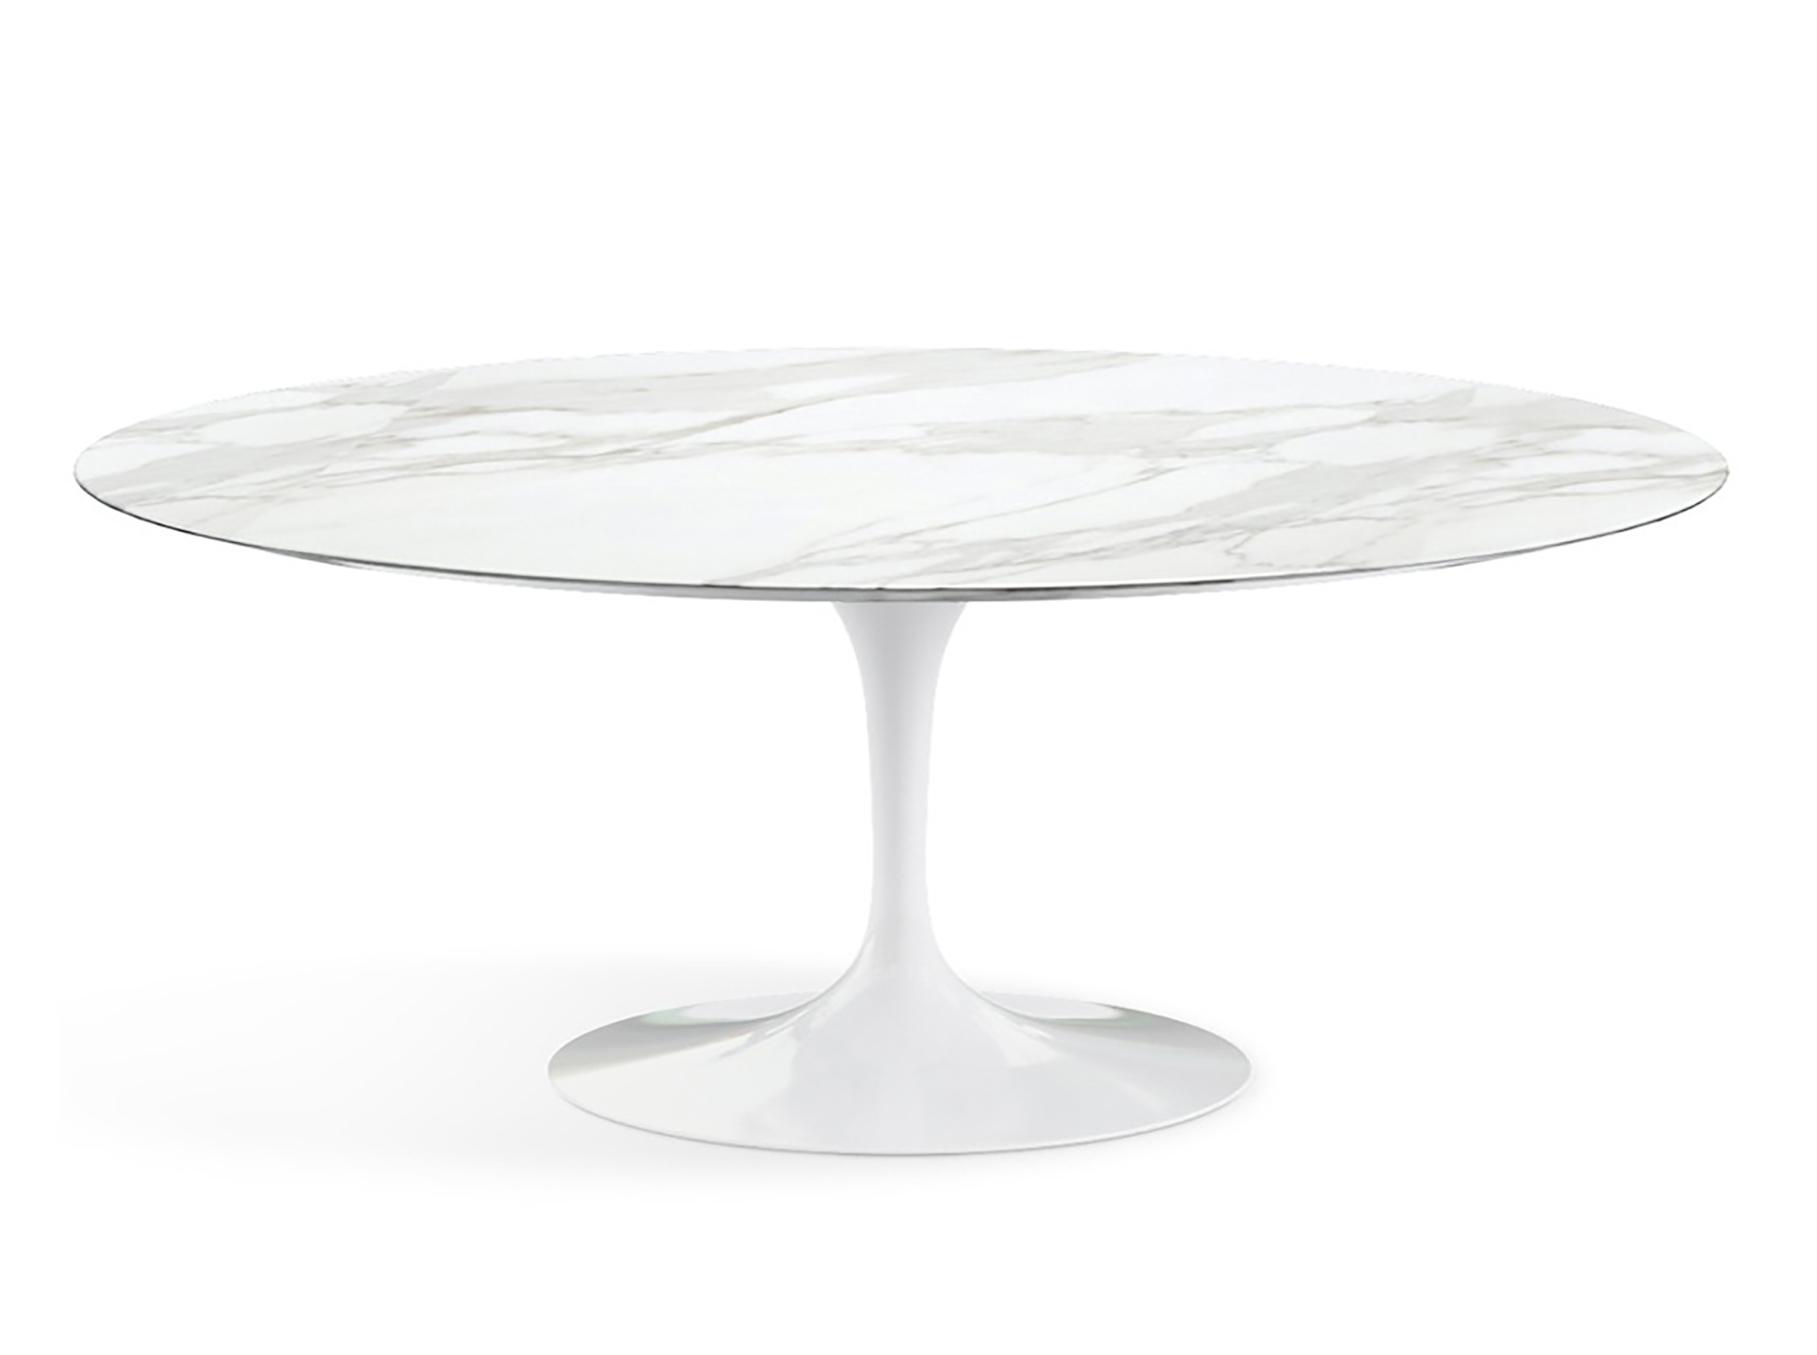 """Купить Стол обеденный """"apriori t"""" (Actualdesign) белый акрил 180x75x100 см. 87282 в интернет магазине. Цены, фото, описания, характеристики, отзывы, обзоры"""